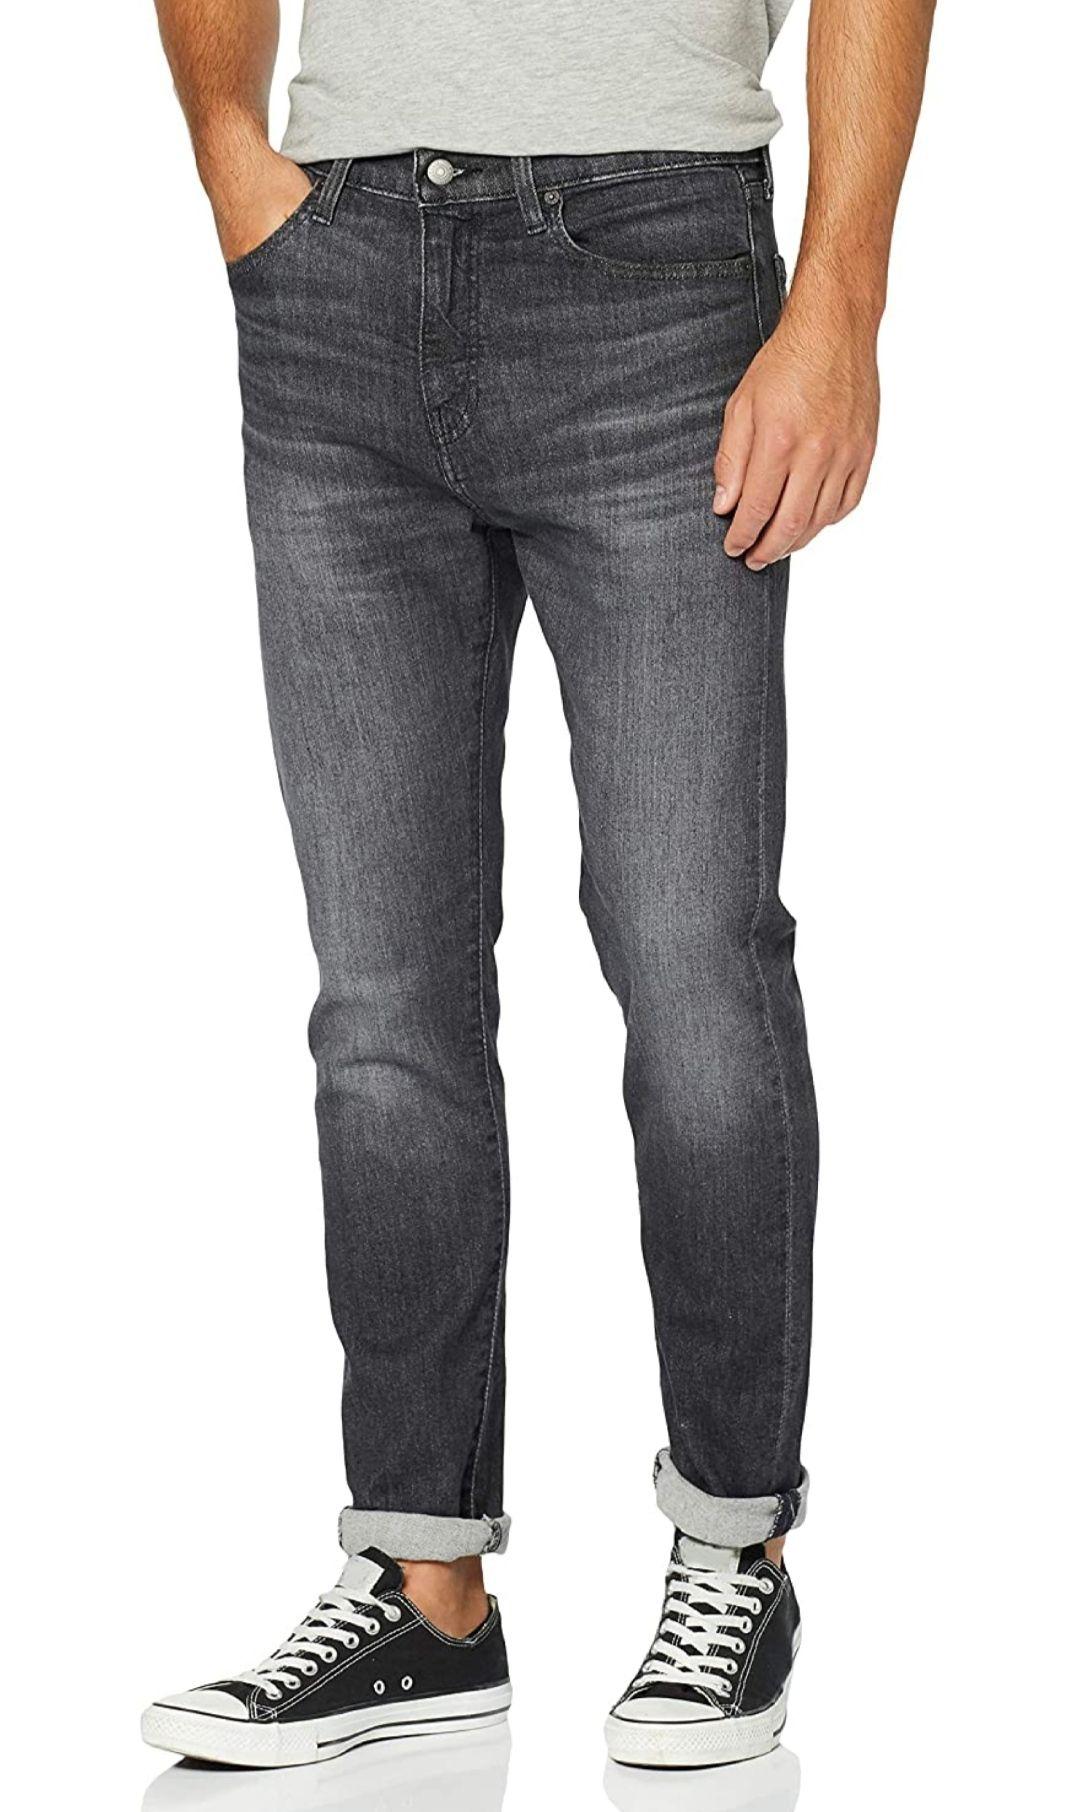 Pantalón Levis 36w/34L negro